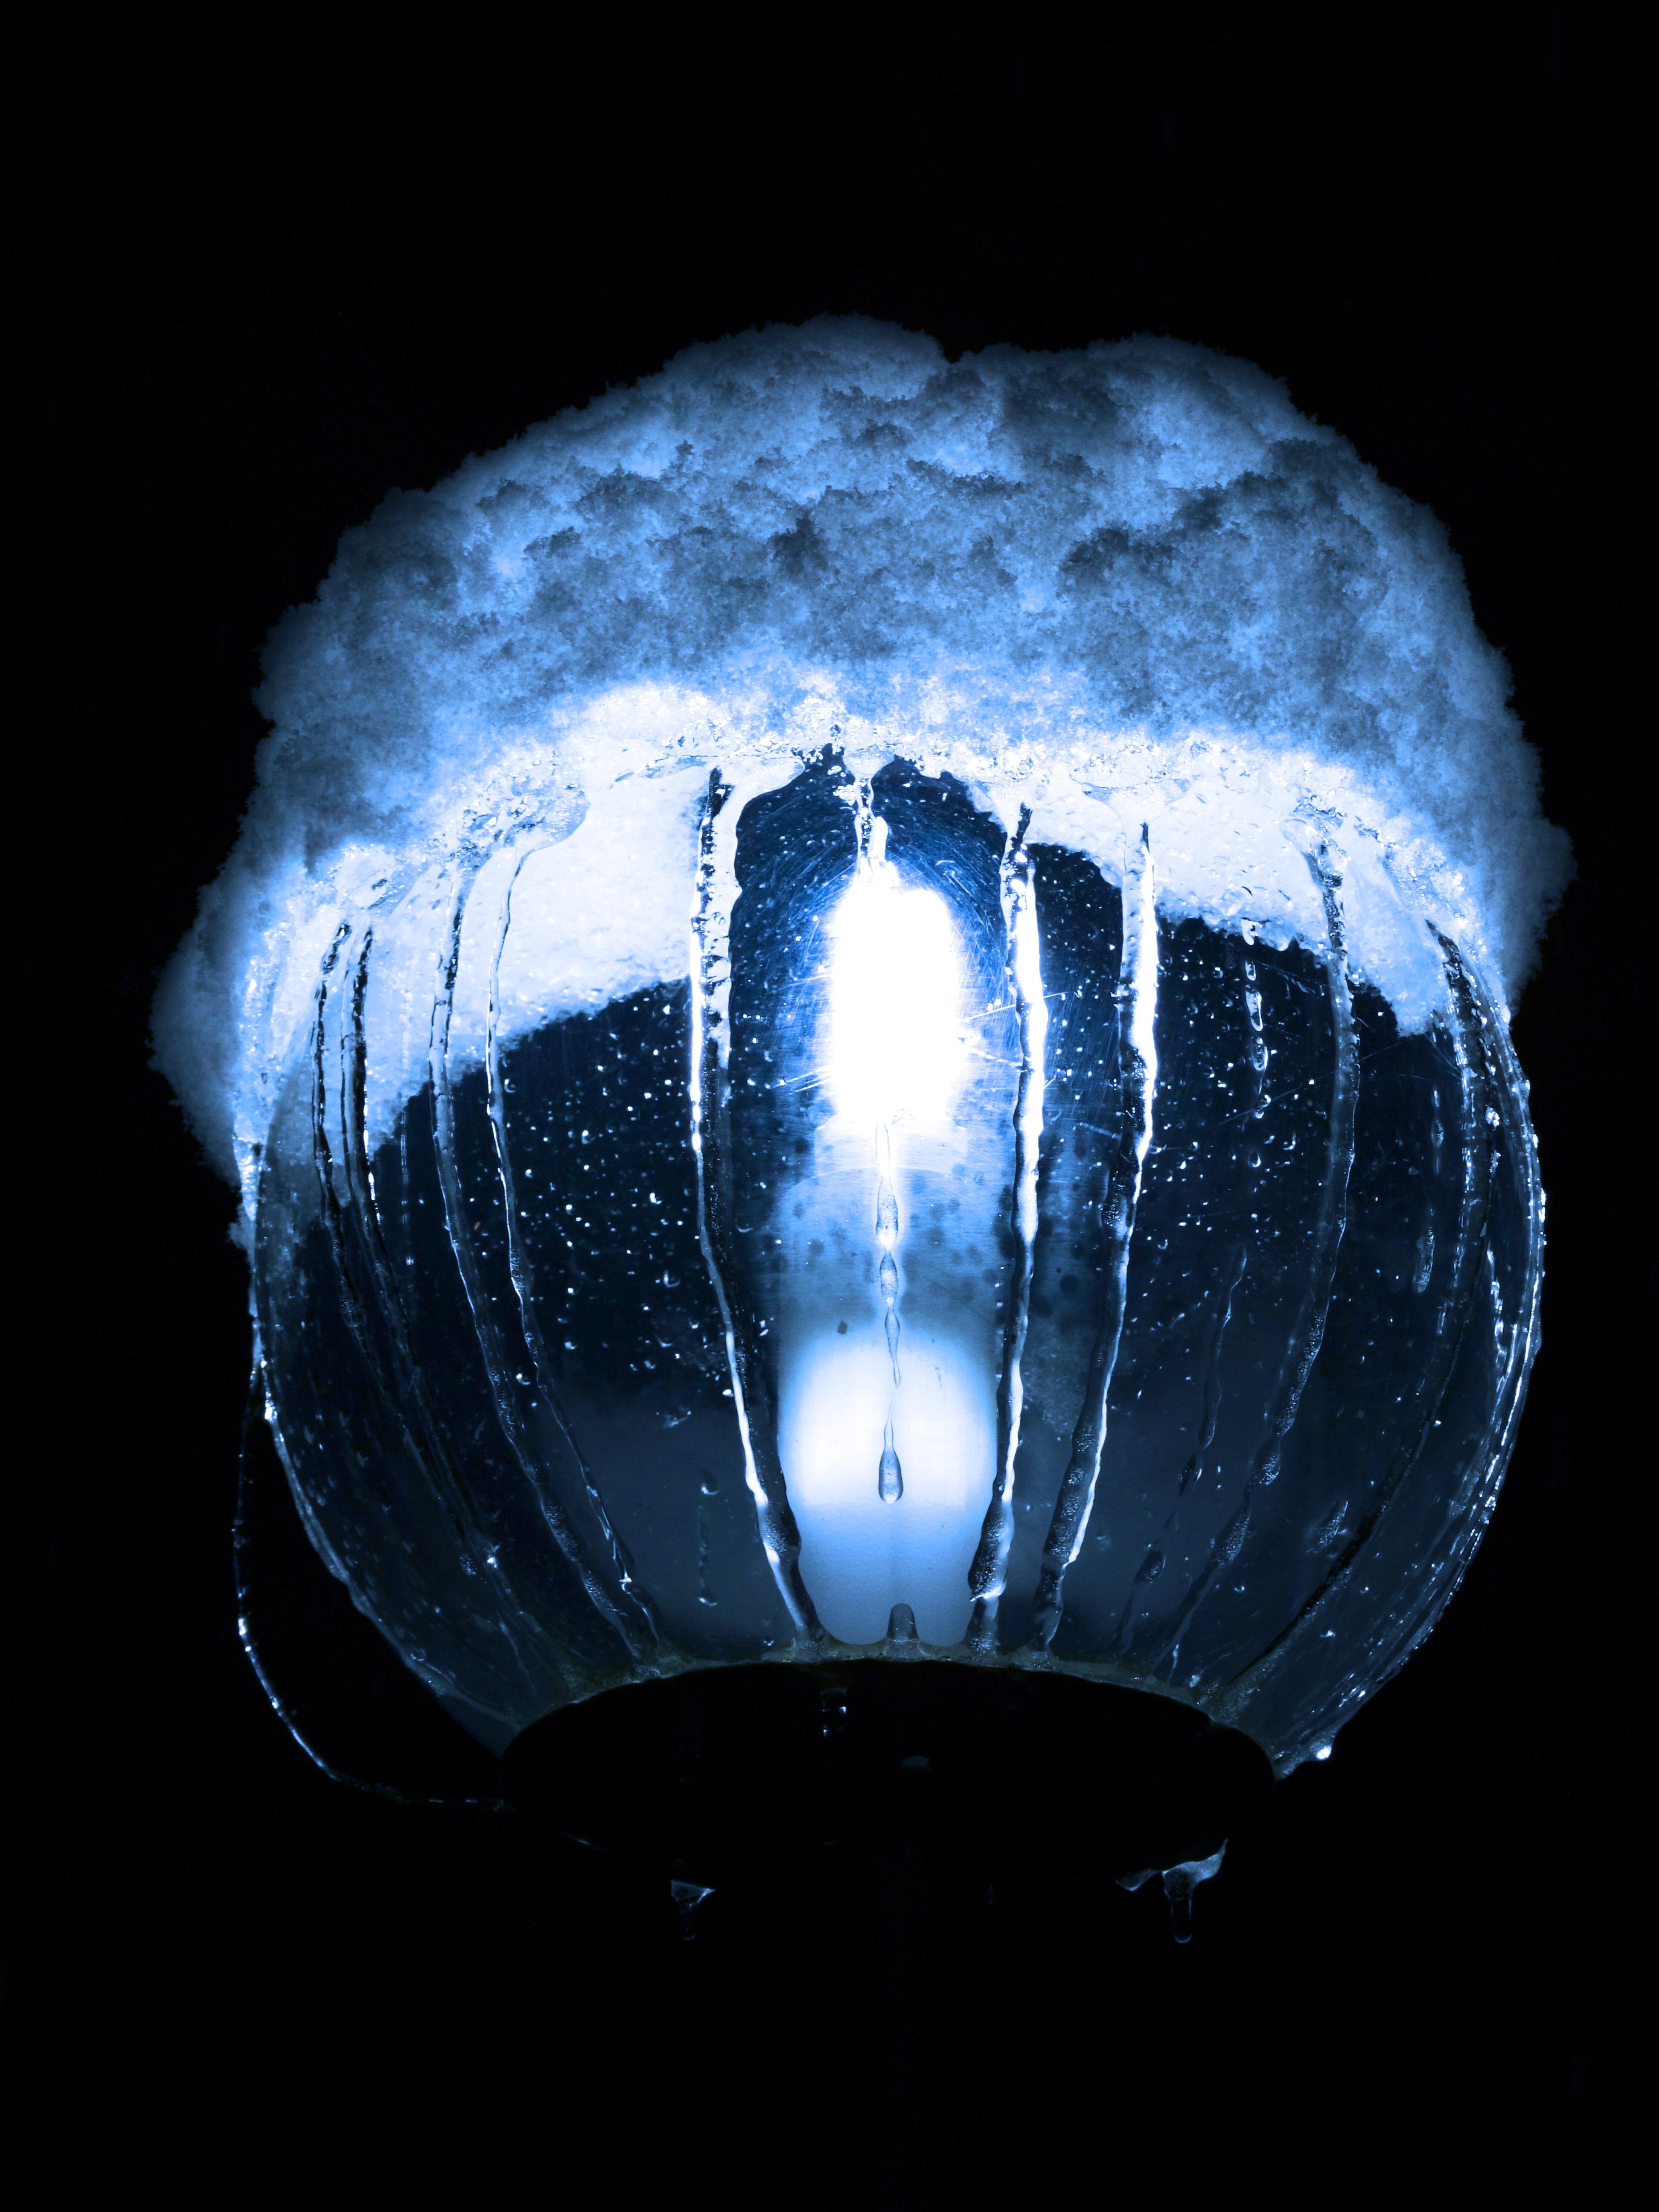 Kostenlose foto : Schnee, Nacht-, Dämmerung, Platz, Dunkelheit, blau ...